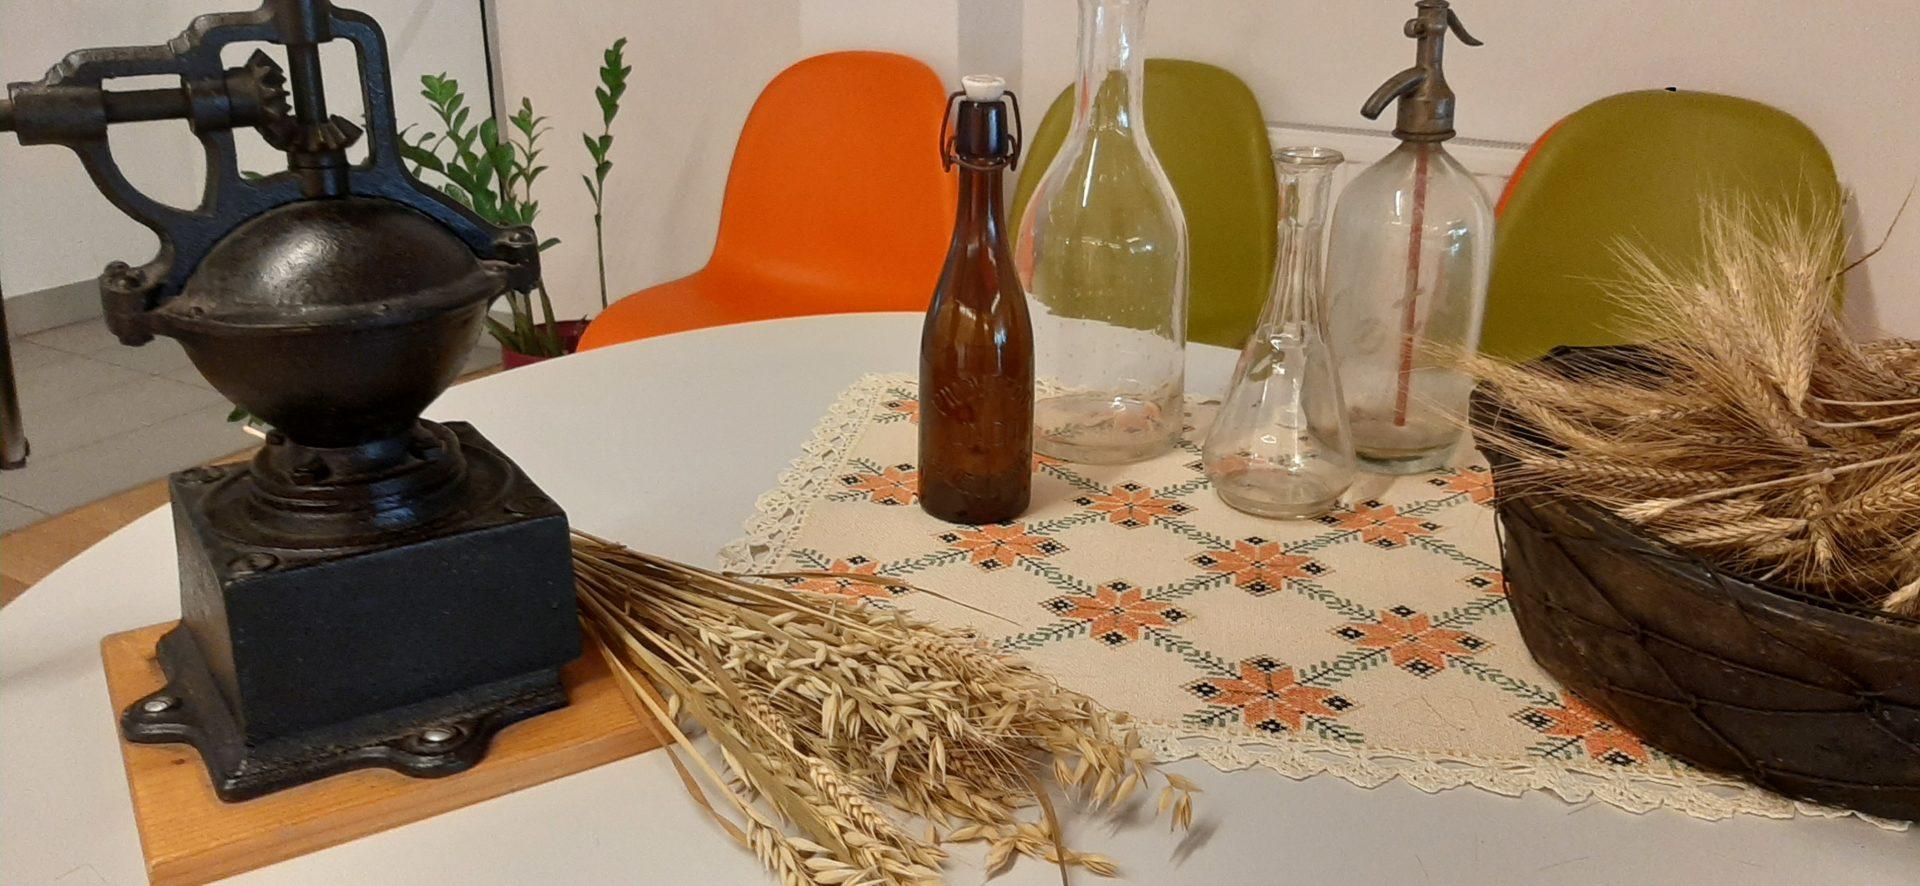 20200814 170246 - Kulturna dediščina naših krajev: stari gospodinjski pripomočki in orodja - razstava Društva Klasje